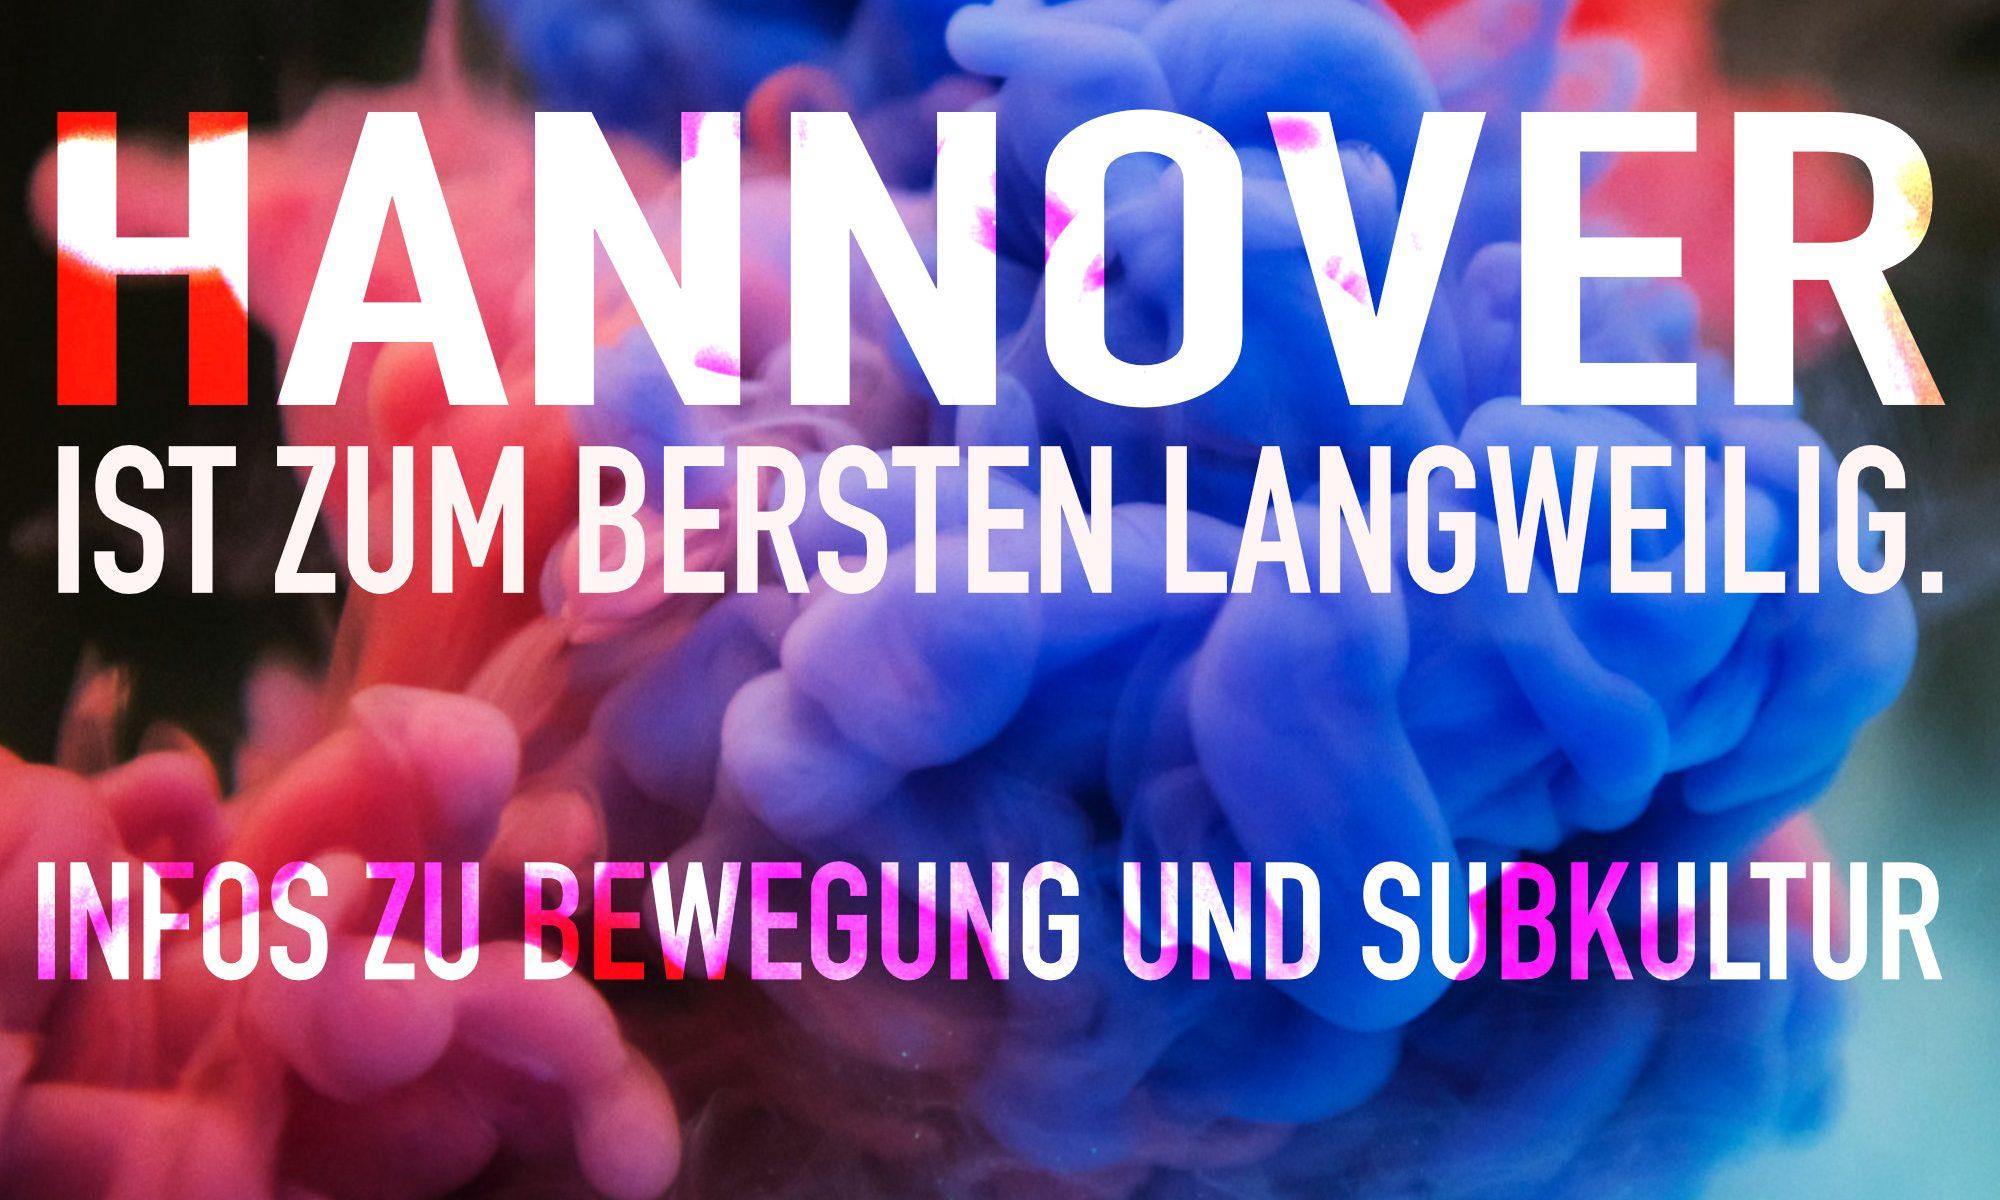 Hannover ist zum Bersten langweilig